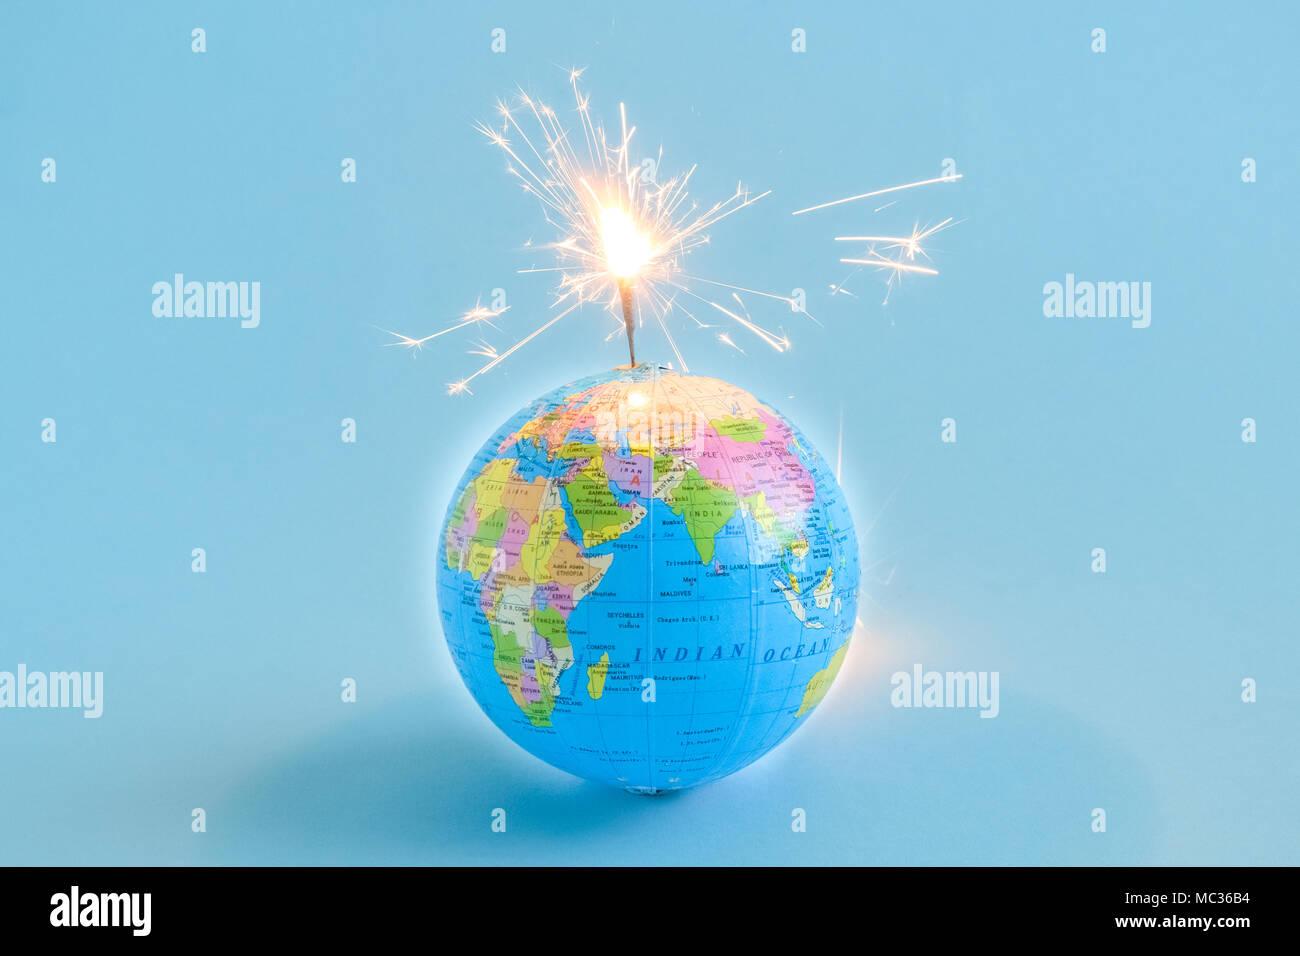 Globo granata isolato su blu minimo concetto creativo Immagini Stock